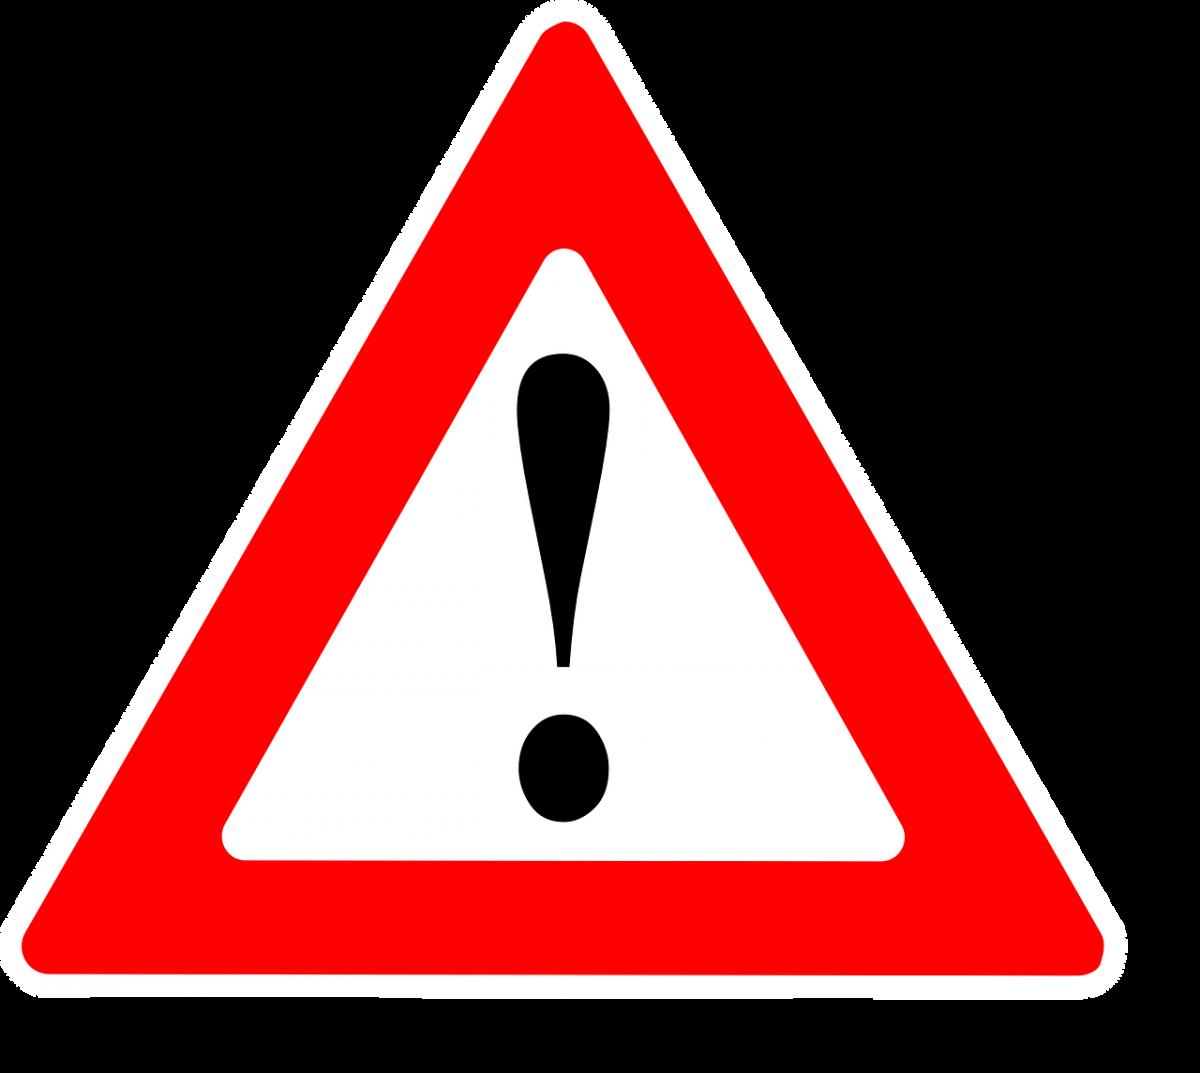 znak graficzny ostrzeżenia, uwaga, wykrzyknik